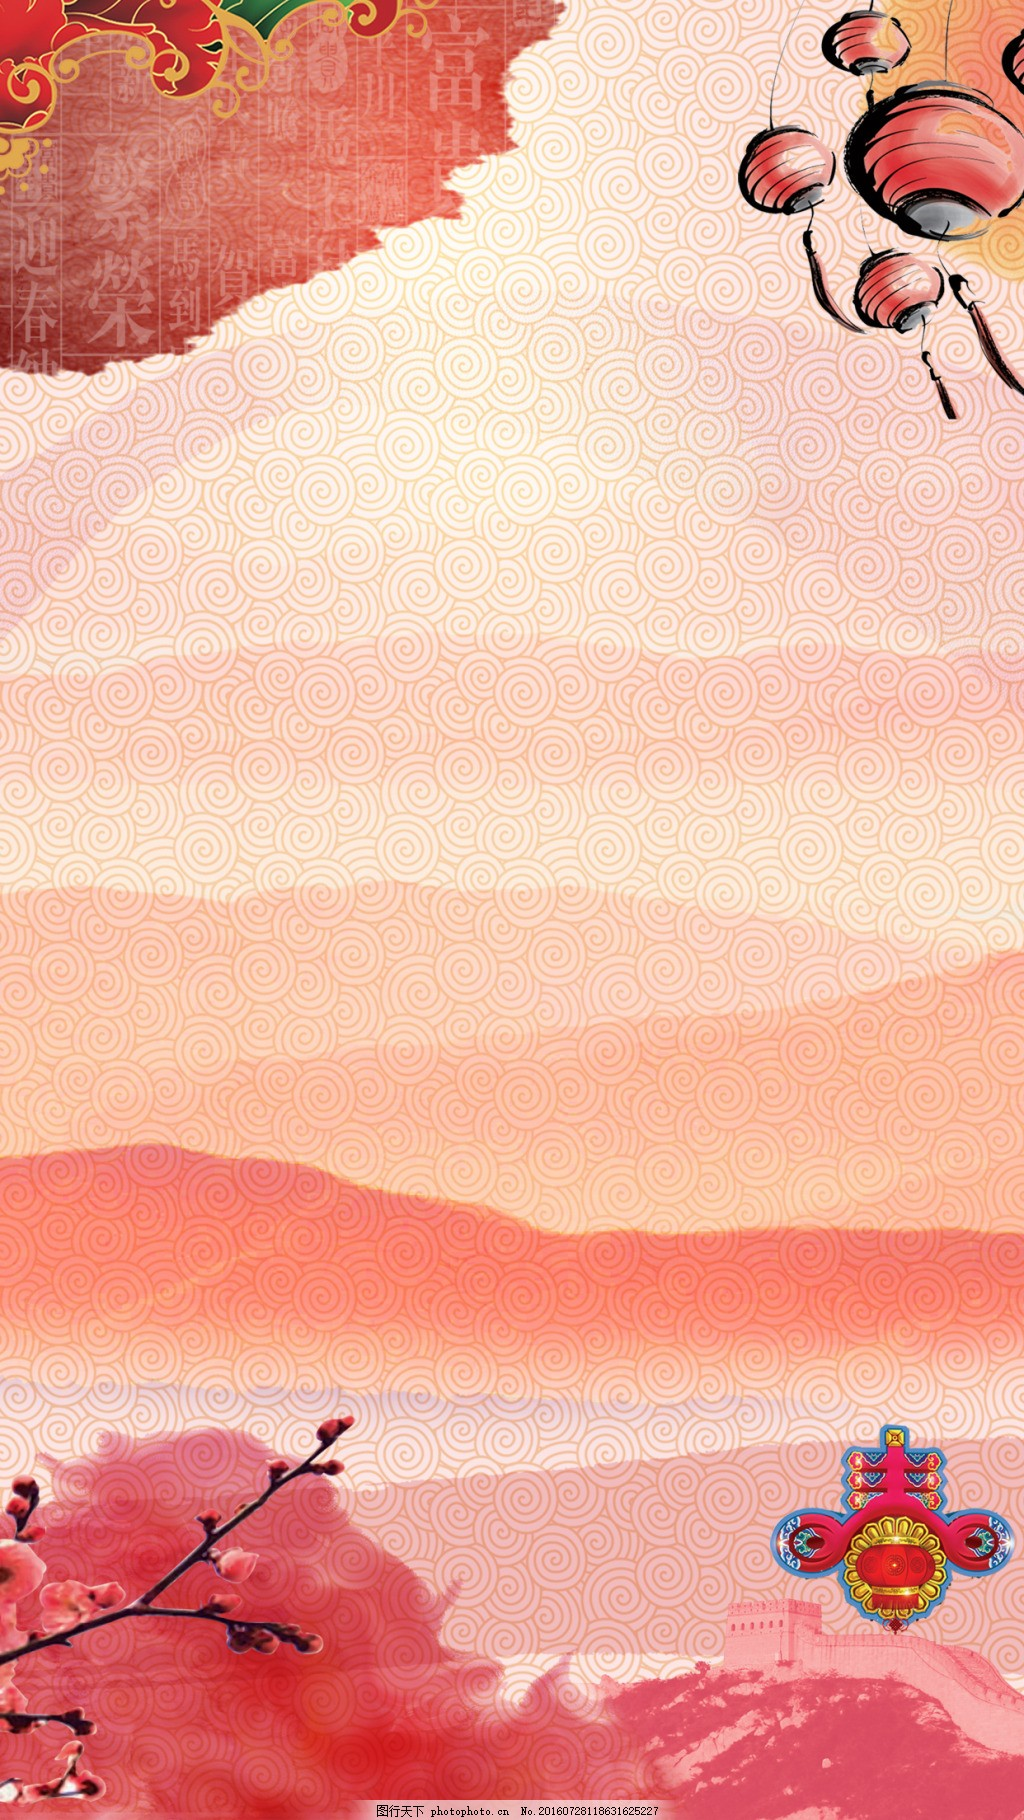 春节 新年 喜庆 中国风 红色背景 灯笼 梅花 h5背景素材